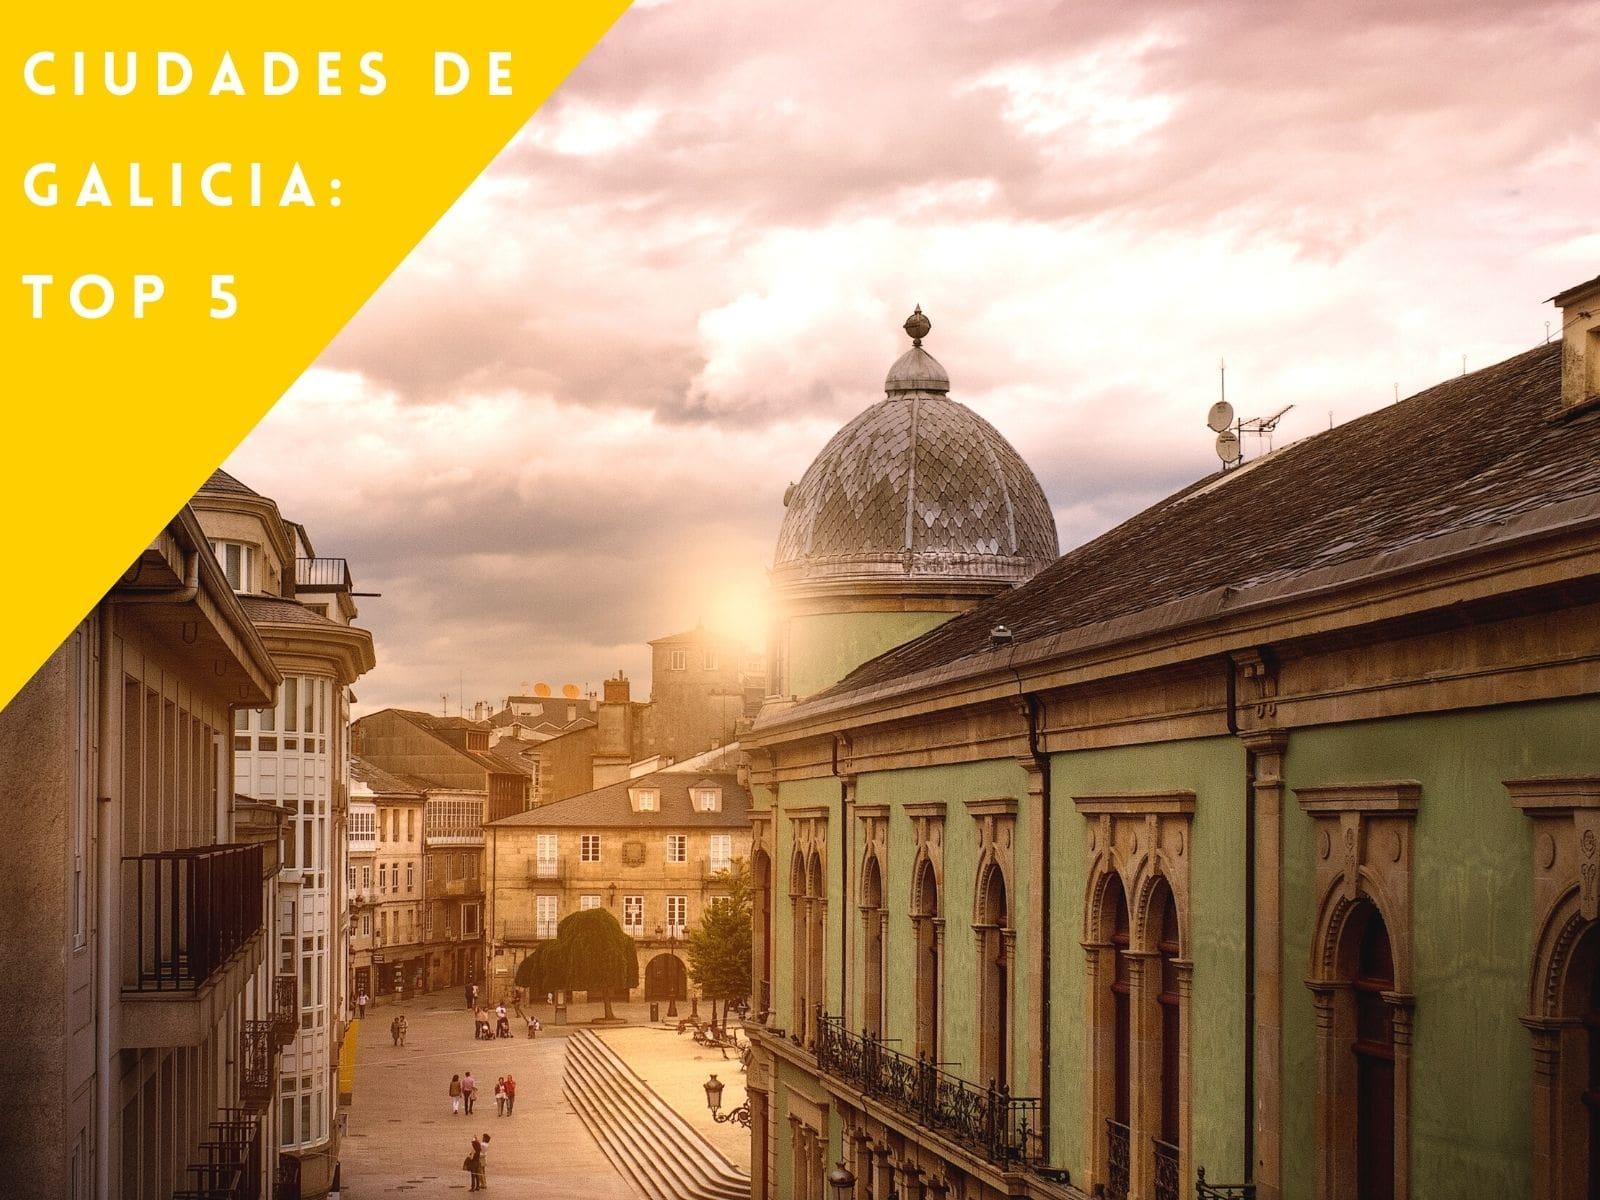 Ciudades de Galicia: TOP 5